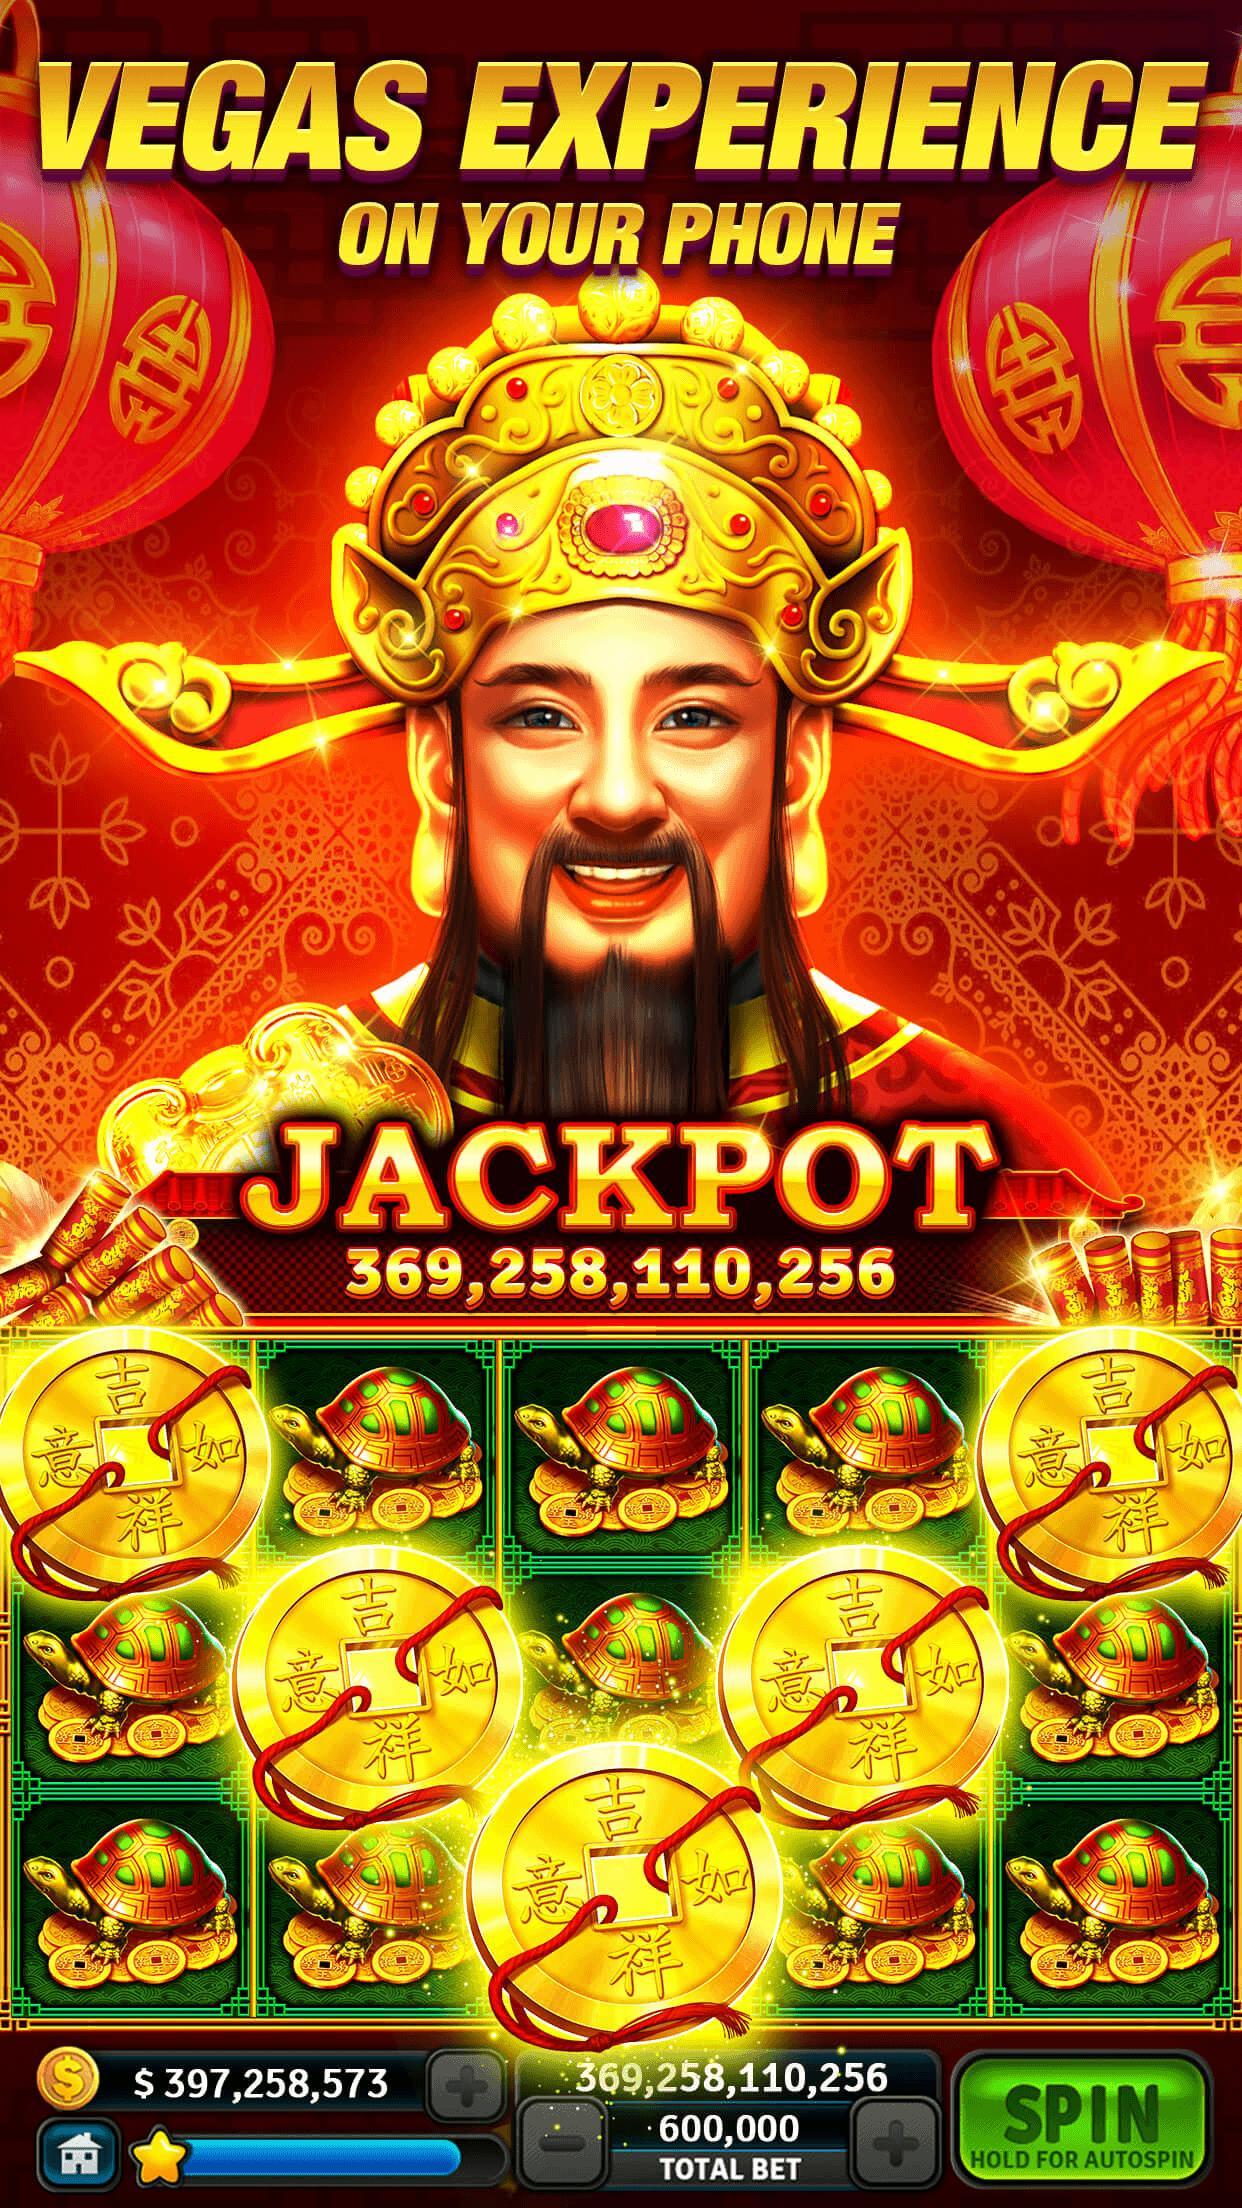 Dalam memilih judi slot online tentu harus diimbangi dengan pertimbangan yang matang. Bahan pertimbangannya pun beraneka ragam, mulai dari banyaknya rekomendasi dari orang-orang, kualitas permainan yang ditawarkan, sistem bot yang diangkat, hingga untuk sekadar tampilan ikonnya. Salah satu judi slot yang banyak digandrungi anak muda akhir ini ialah Slots Casino - Jackpot Mania. Tapi apa keunggulan judi tersebut hingga banyak digemari orang-orang? Keunggulan yang Dimiliki Slots Casino - Jackpot Mania Judi Slots Casino - Jackpot Mania ini memiliki keunggulan unik yang jarang ditemukan dalam judi serupa. Informasi detailnya ialah sebagai berikut: 1. Karakter Judi Setiap judi pastilah memiliki karakter unik yang membedakannya dengan judi lainnya. Pun demikian dengan Slots Casino - Jackpot Mania yang memberikan karakter kuat di dalamnya. Sebut saja Forest of Pixies, Glorious Buffalo, Tiger Eclipse, dan banyak pilihan lainnya. 2. Mode Offline Mode offline juga disediakan dalam judi yang satu ini. Jadi Anda pun bisa bermain dengan leluasa tanpa perlu takut kuota melompong. 3. Top Fitur Menariknya, aplikasi judi Slots Casino - Jackpot Mania ini memiliki beberapa fitur unggulan yang menunjang jalannya permainan. Beberapa top fitur yang ditawarkan ialah sebagai berikut: • Bonus spesial yang bisa didapatkan ketika pemain mampu menaikkan levelnya. • Jackpot masif yang tersedia di segala jenis permainan slot dalam aplikasi. • Turnamen menarik yang disajikan dengan misi harian. • Permainan mesin slot baru yang akan diupdate setiap bulannya. • Kesempatan untuk memenangkan jackpot lebih dari 10.000.000.000 chips dalam setiap jenis permainan slot. • Mini judis eksklusif. Jenis fitur yang satu ini hanya tersedia di kota Las Vegas saja, tapi untuk memuaskan para penggemar Slot Casino - Jackpot Mania, pihak developer kemudian mengadaptasikan fitur mini judi eksklusif tersebut dalam aplikasinya. • Adanya kesempatan untuk menggandakan angka kemenangan Anda melalui peningkatan 2 level sek